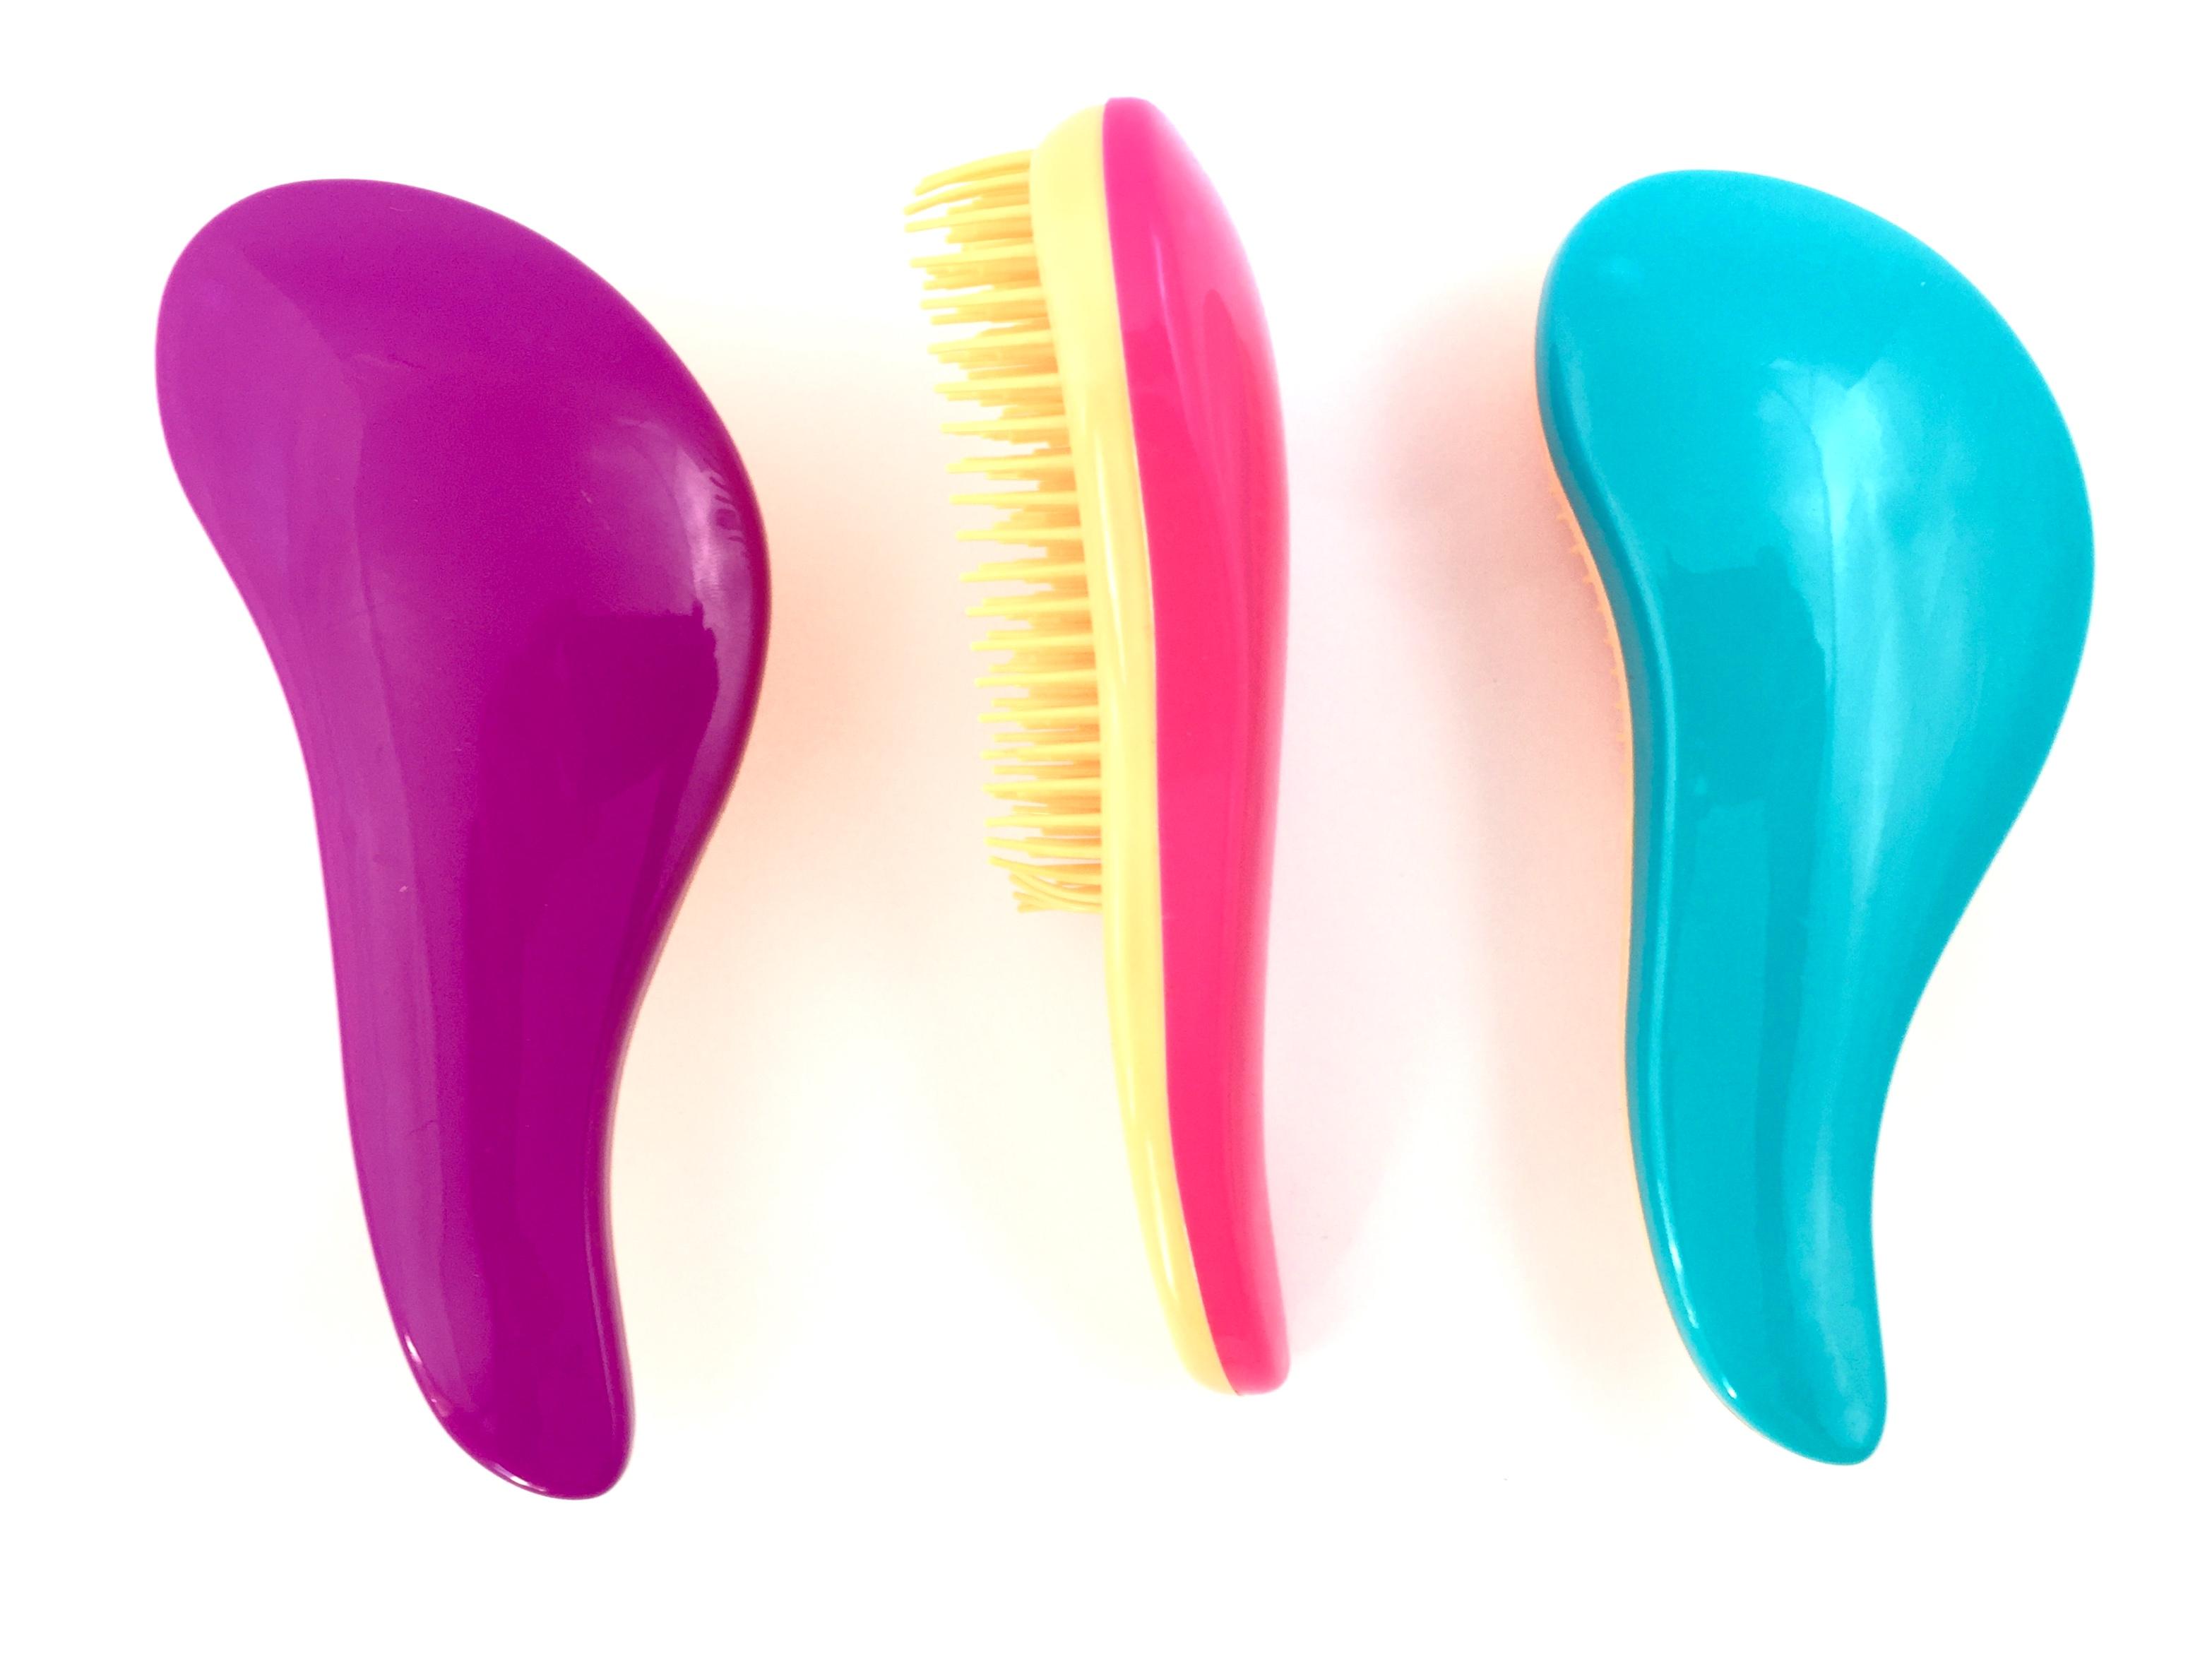 JzA 1801-9-1 Small Hair Brush - malé kartáče na rozčesávání vlasů